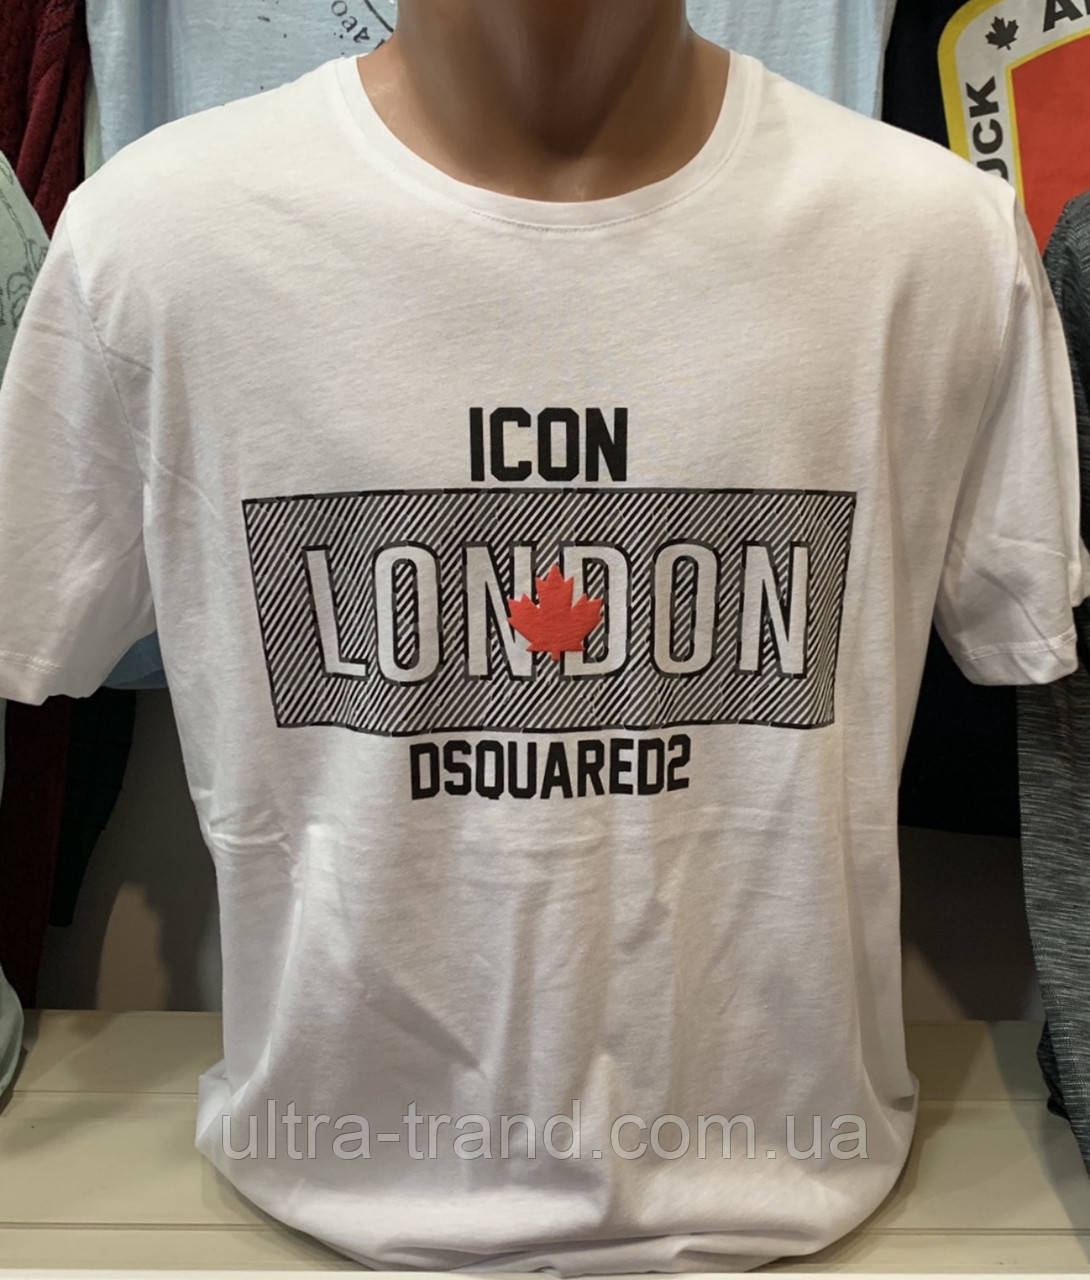 Мужские футболки Dsquared реплика